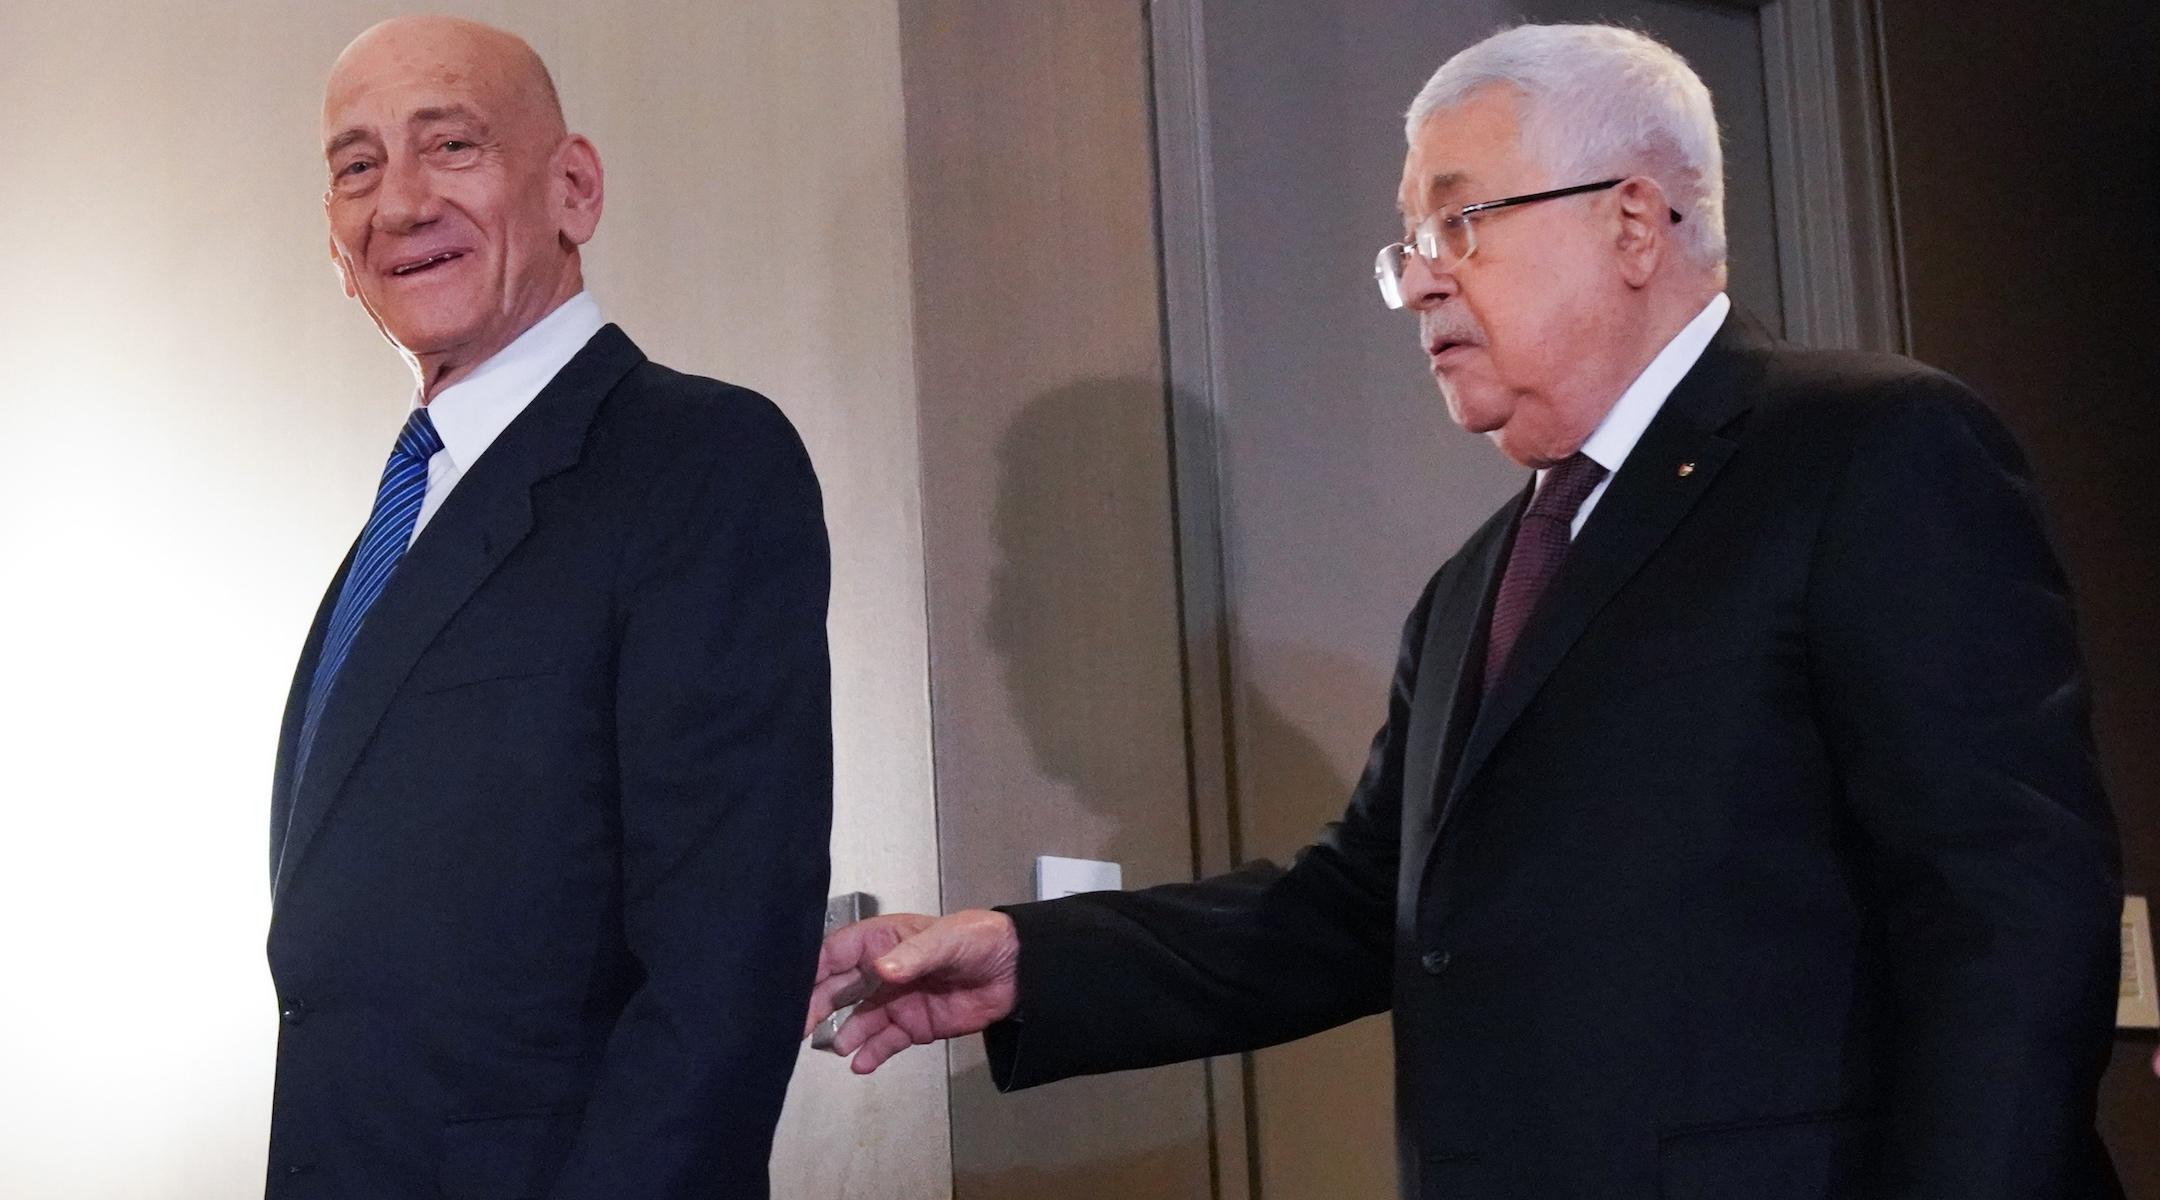 Le président de l'Autorité palestinienne Mahmoud Abbas et l'ancien Premier ministre israélien Ehud Olmert arrivent pour une conférence de presse sur le plan de paix israélo-palestinien du président américain Donald Trump le 11 février 2020, à New York. (Bryan R. Smith / Getty Images)